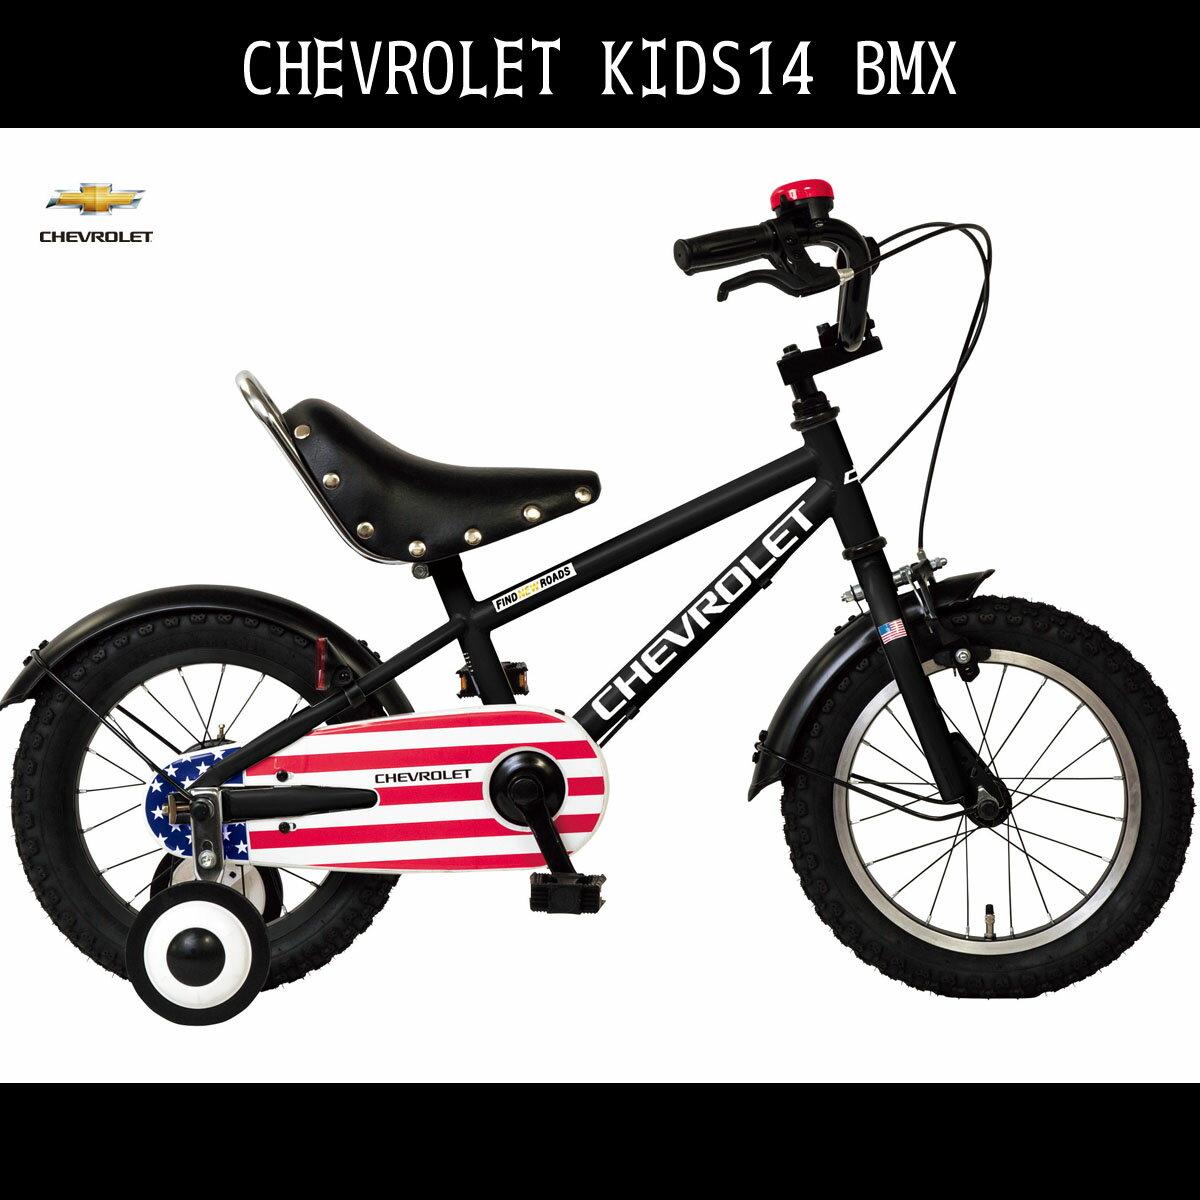 <関東限定特別価格>KID'S14BMX シボレー シェビー CHEVY CHEVROLET 泥除け 補助輪 自転車ギアなし 14インチ 黒 ブラック シボレー 自転車 補助輪付き 幼児 マウンテンバイク 子供用 送料無料 クリスマス